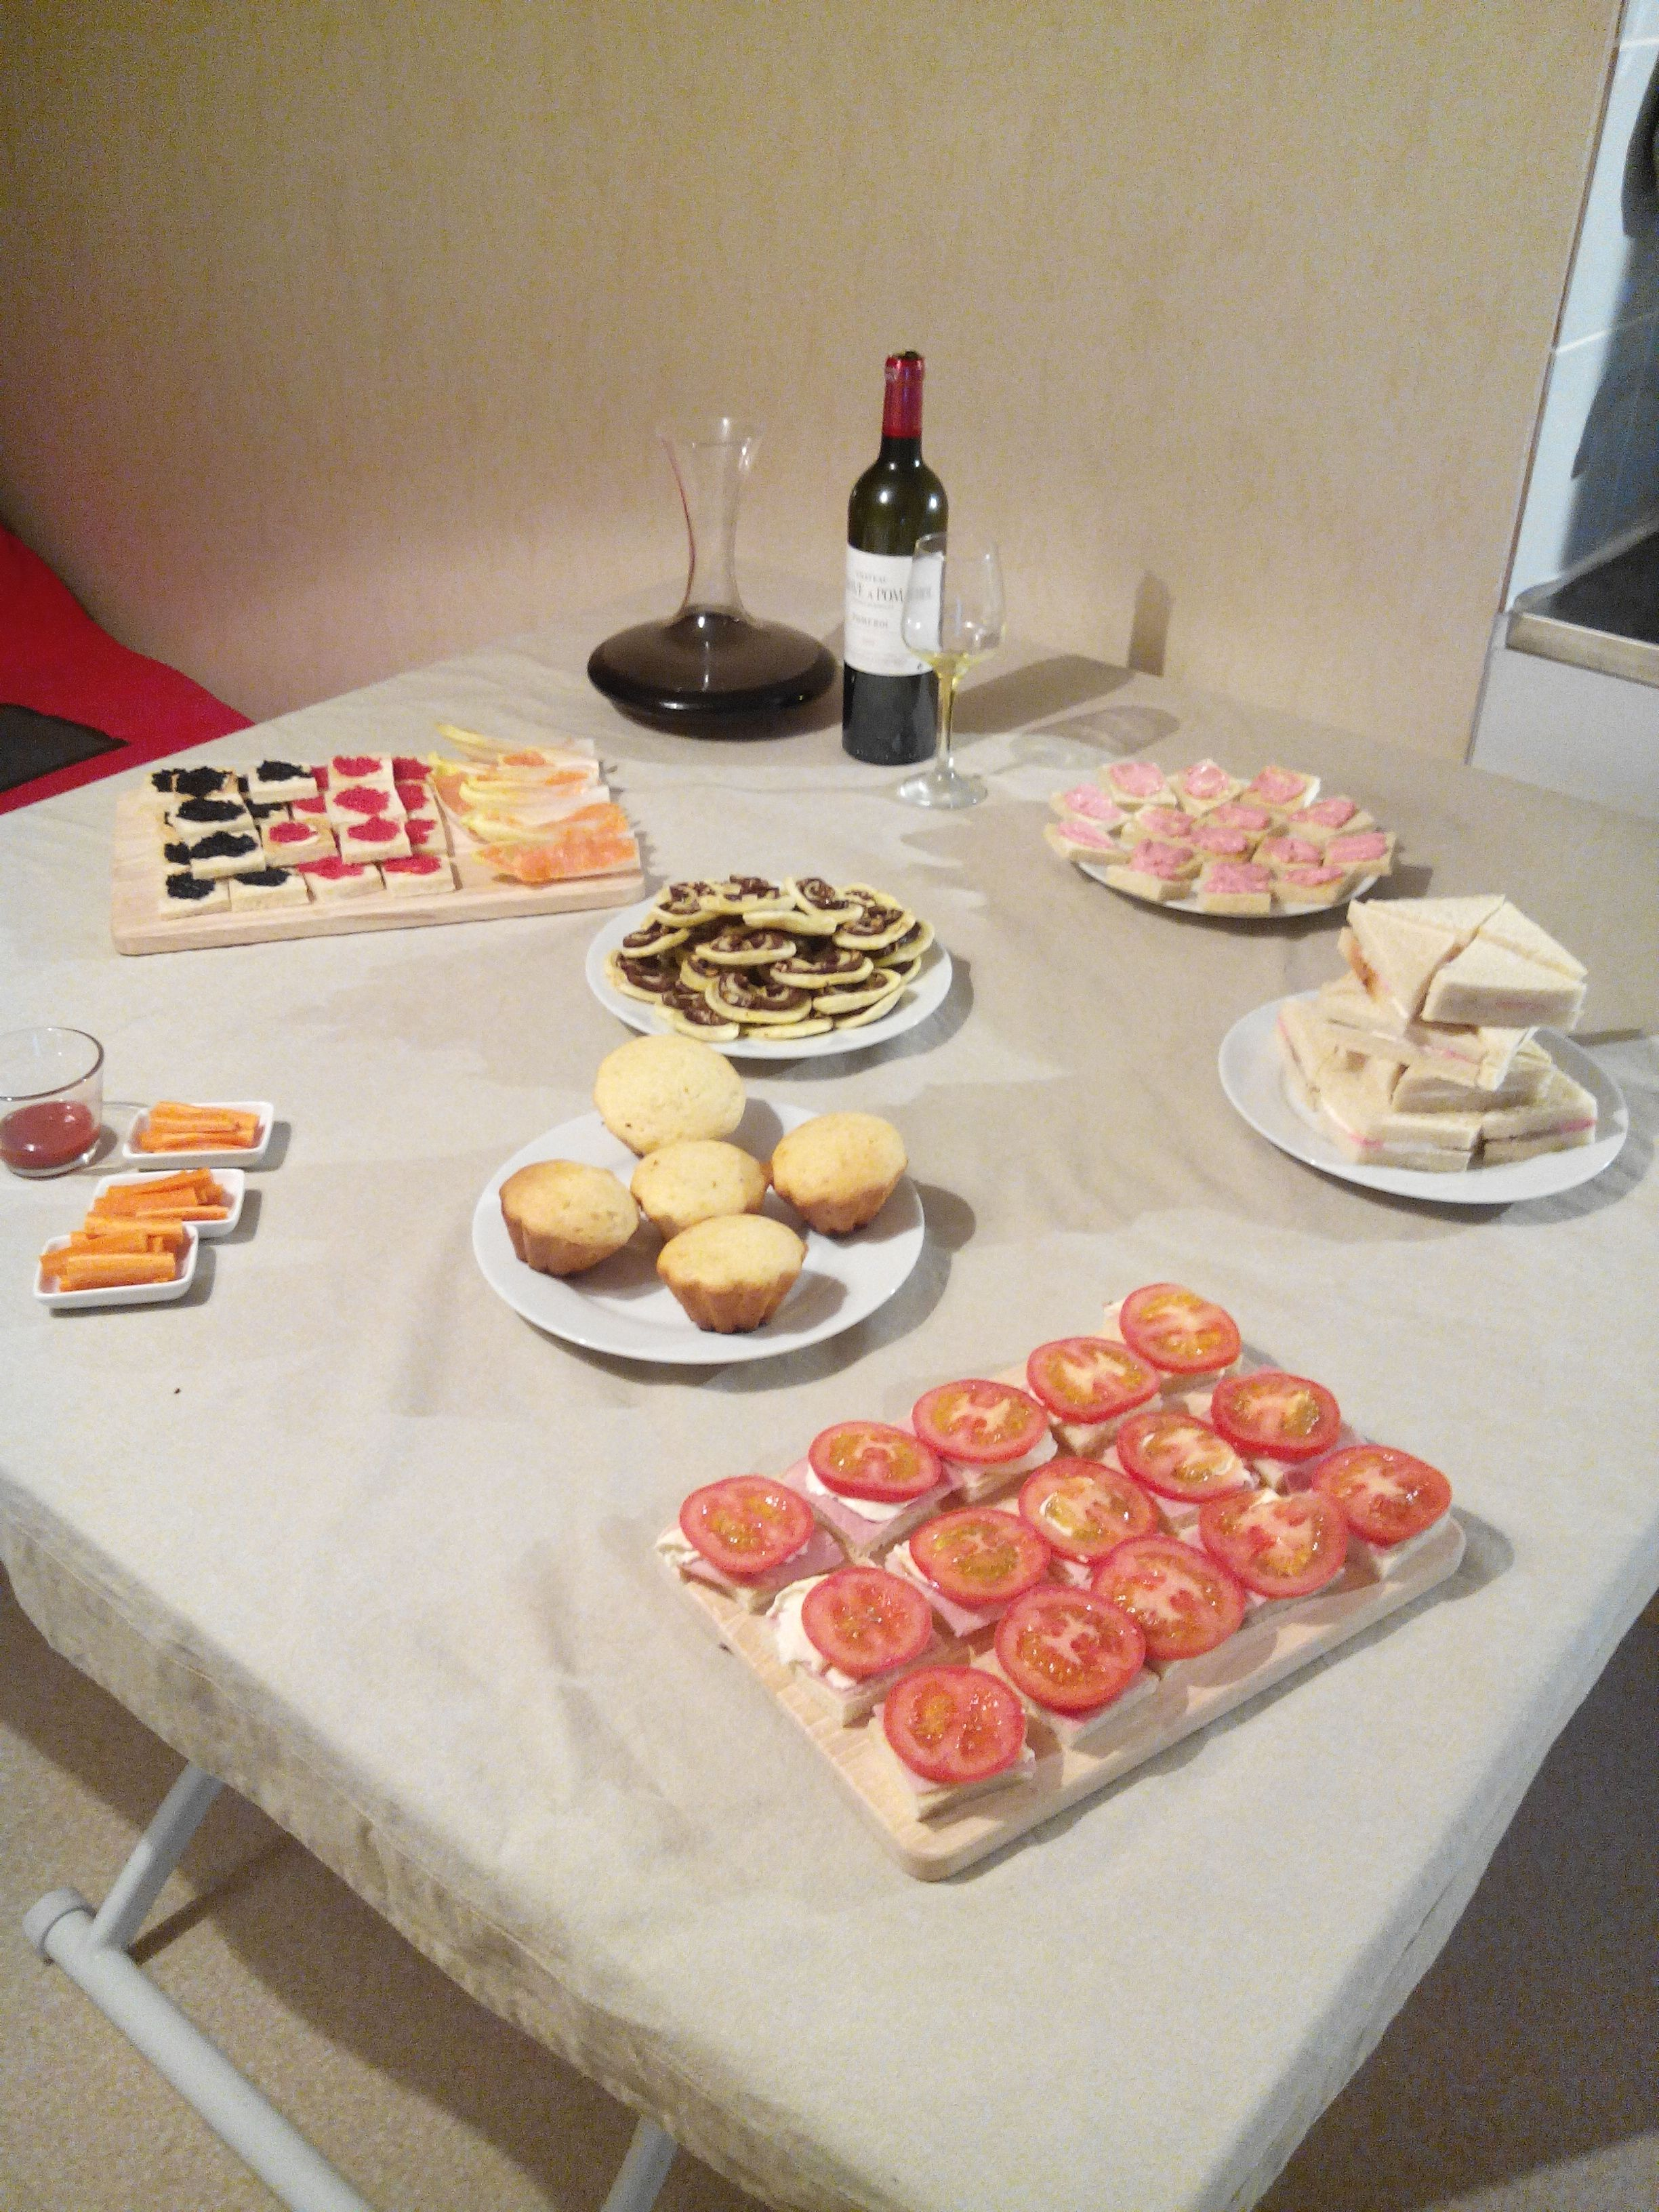 0d4c10541d097cbe71967c53c51d2ac2 Meilleur De De Table Pour Cuisine Des Idées